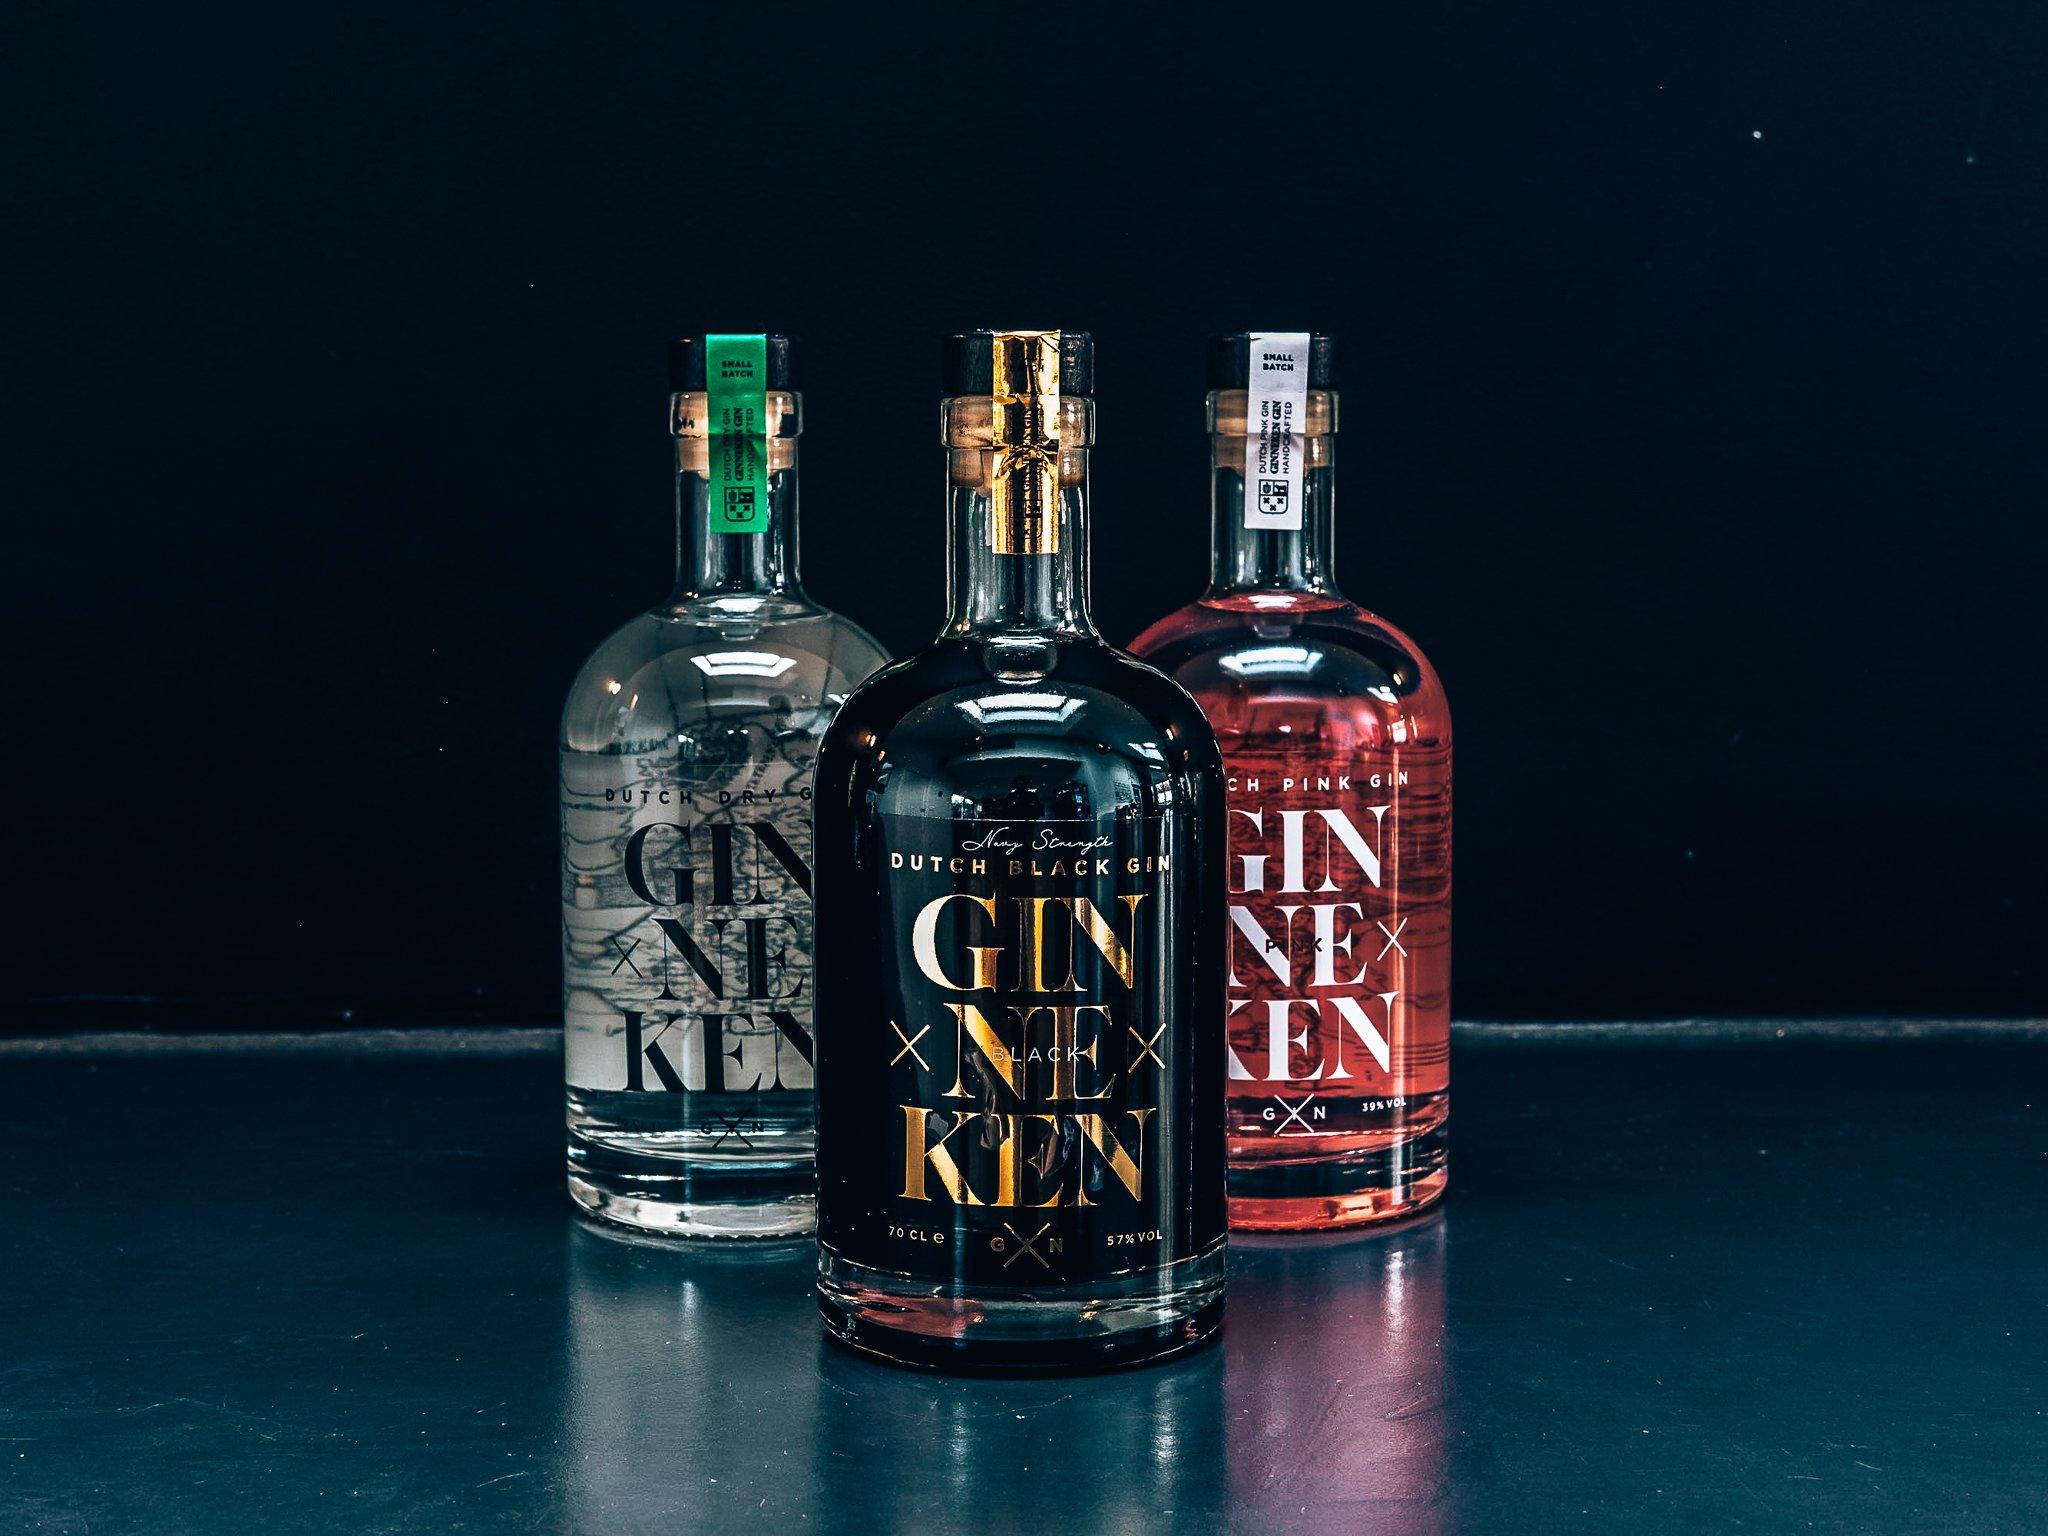 Het verhaal achter Ginneken Gin, Alles over gin.